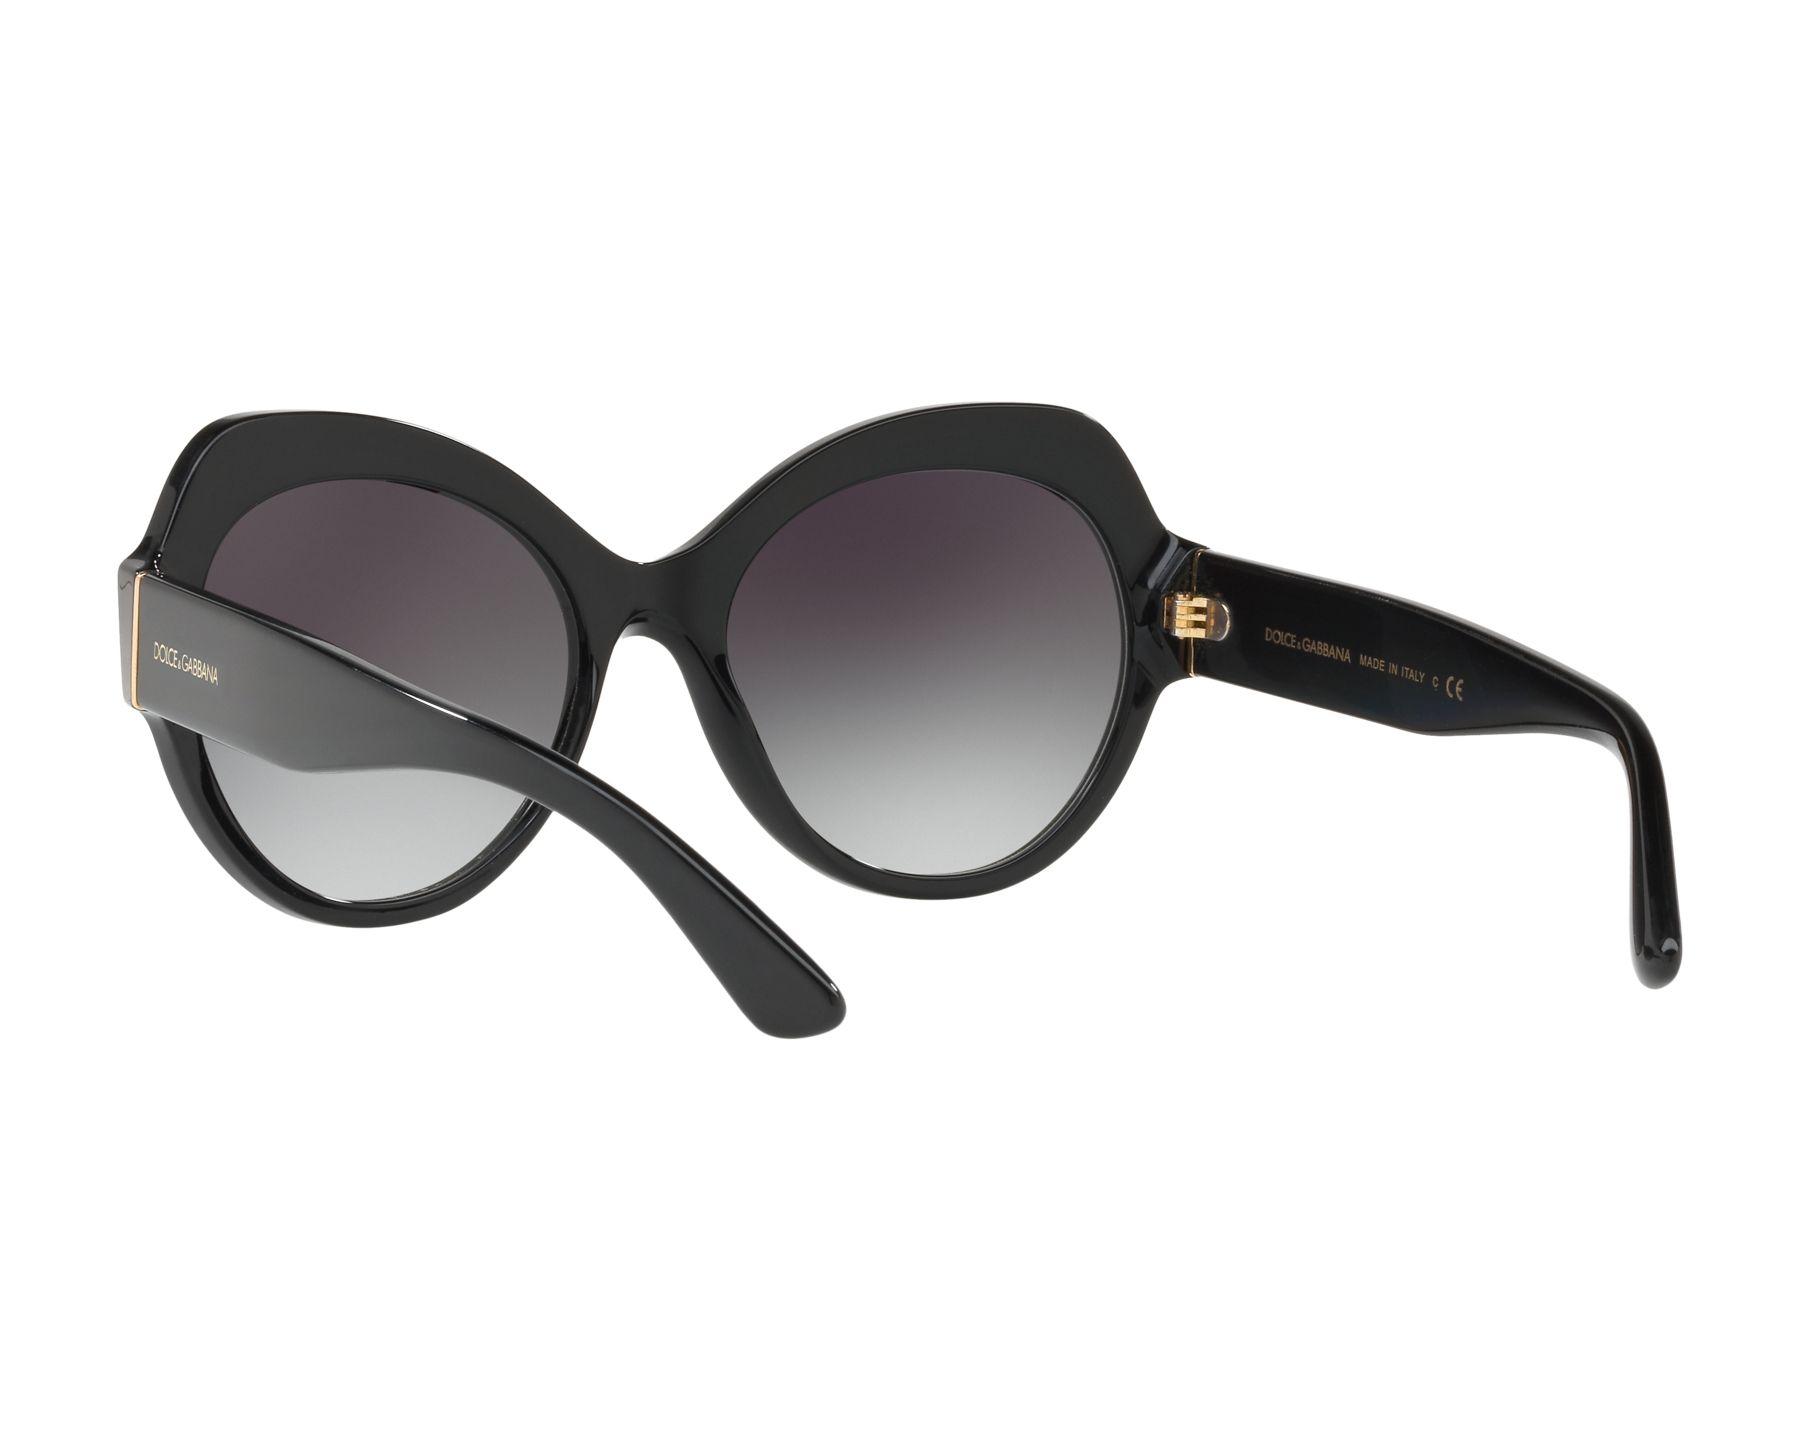 Dolce and Gabbana DG4320 Sonnenbrille Schwarz 501/8G 56mm SBoqte5